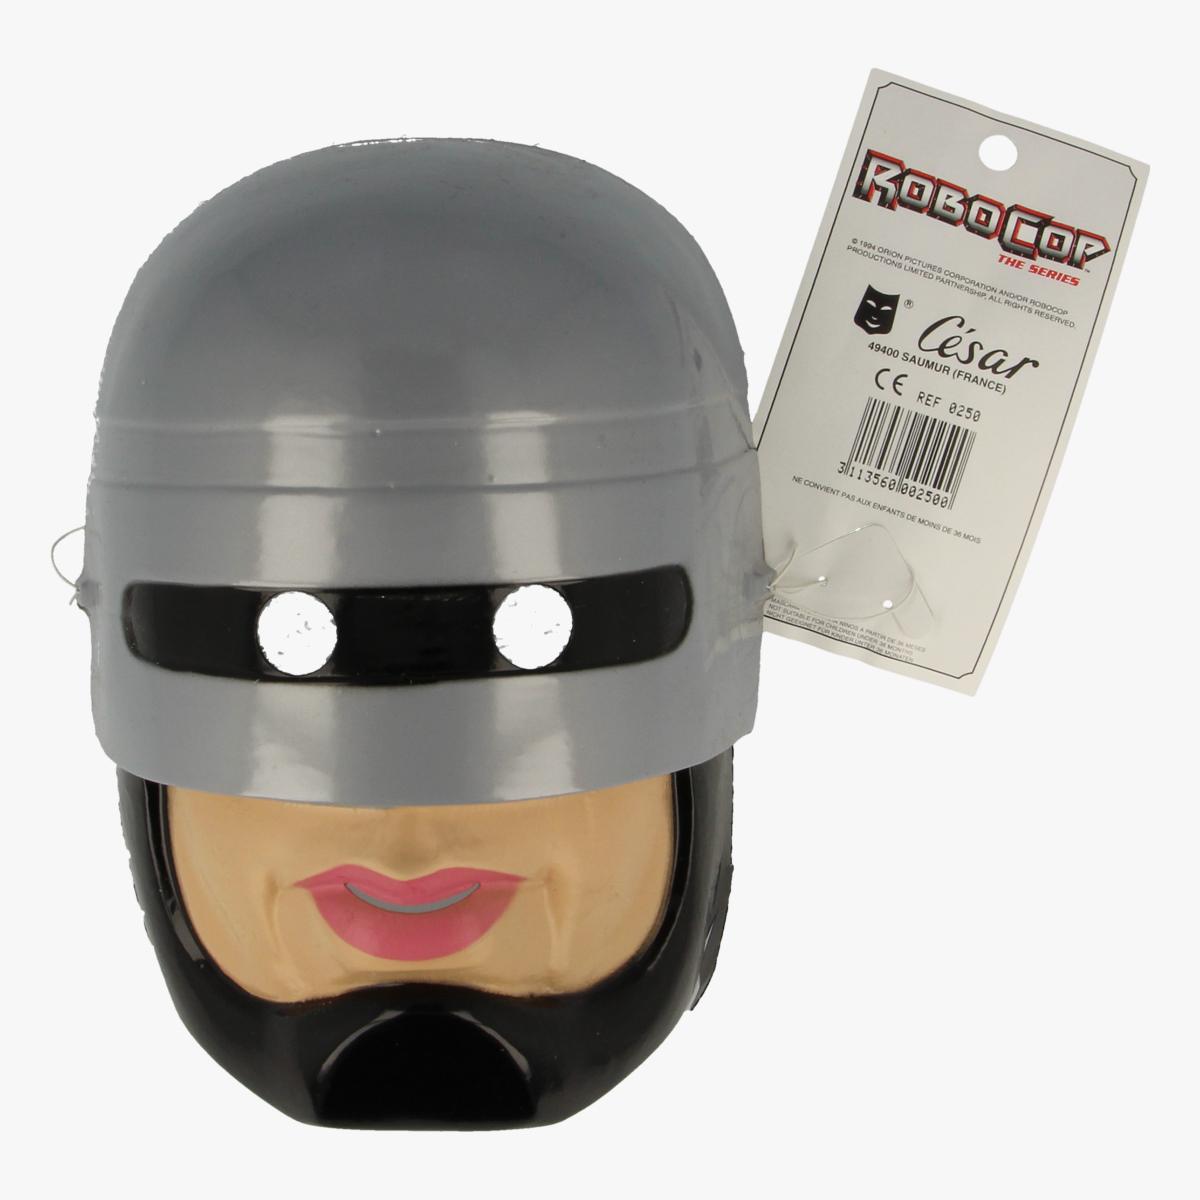 Afbeeldingen van Masker carnaval robocop